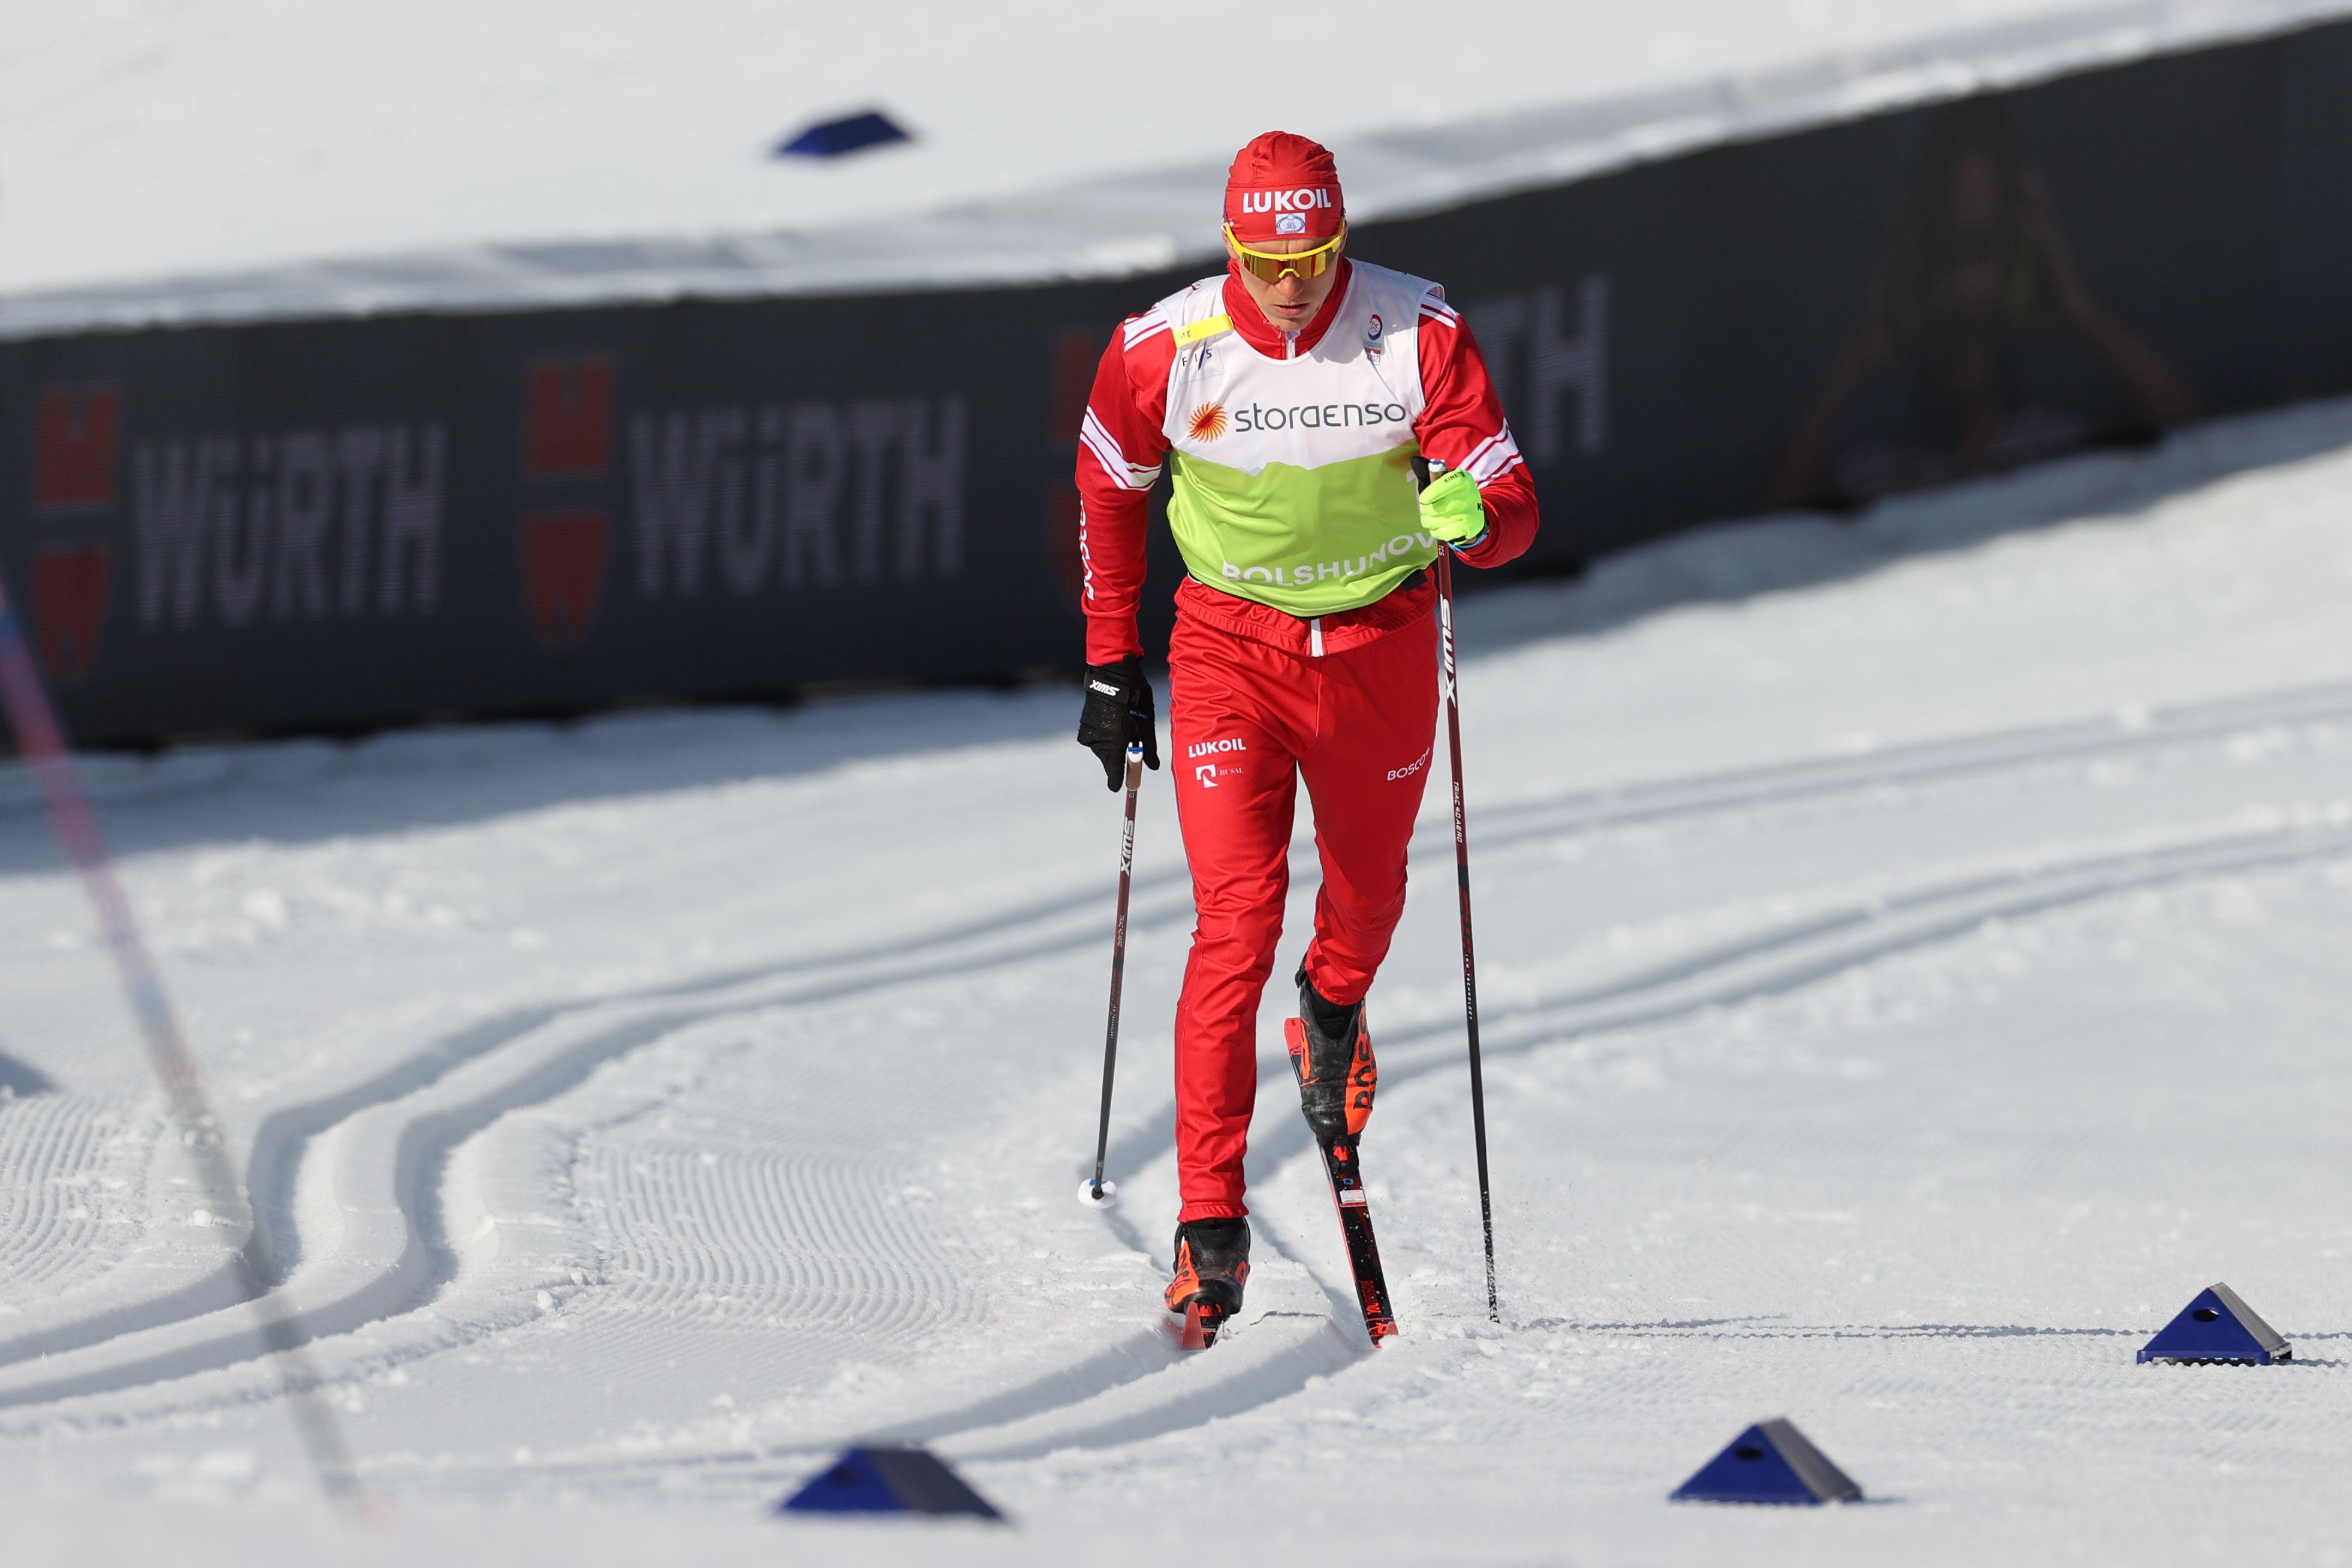 Бородавко: 'Состояние Большунова позволит ему принять участие во всех гонках ЧМ'